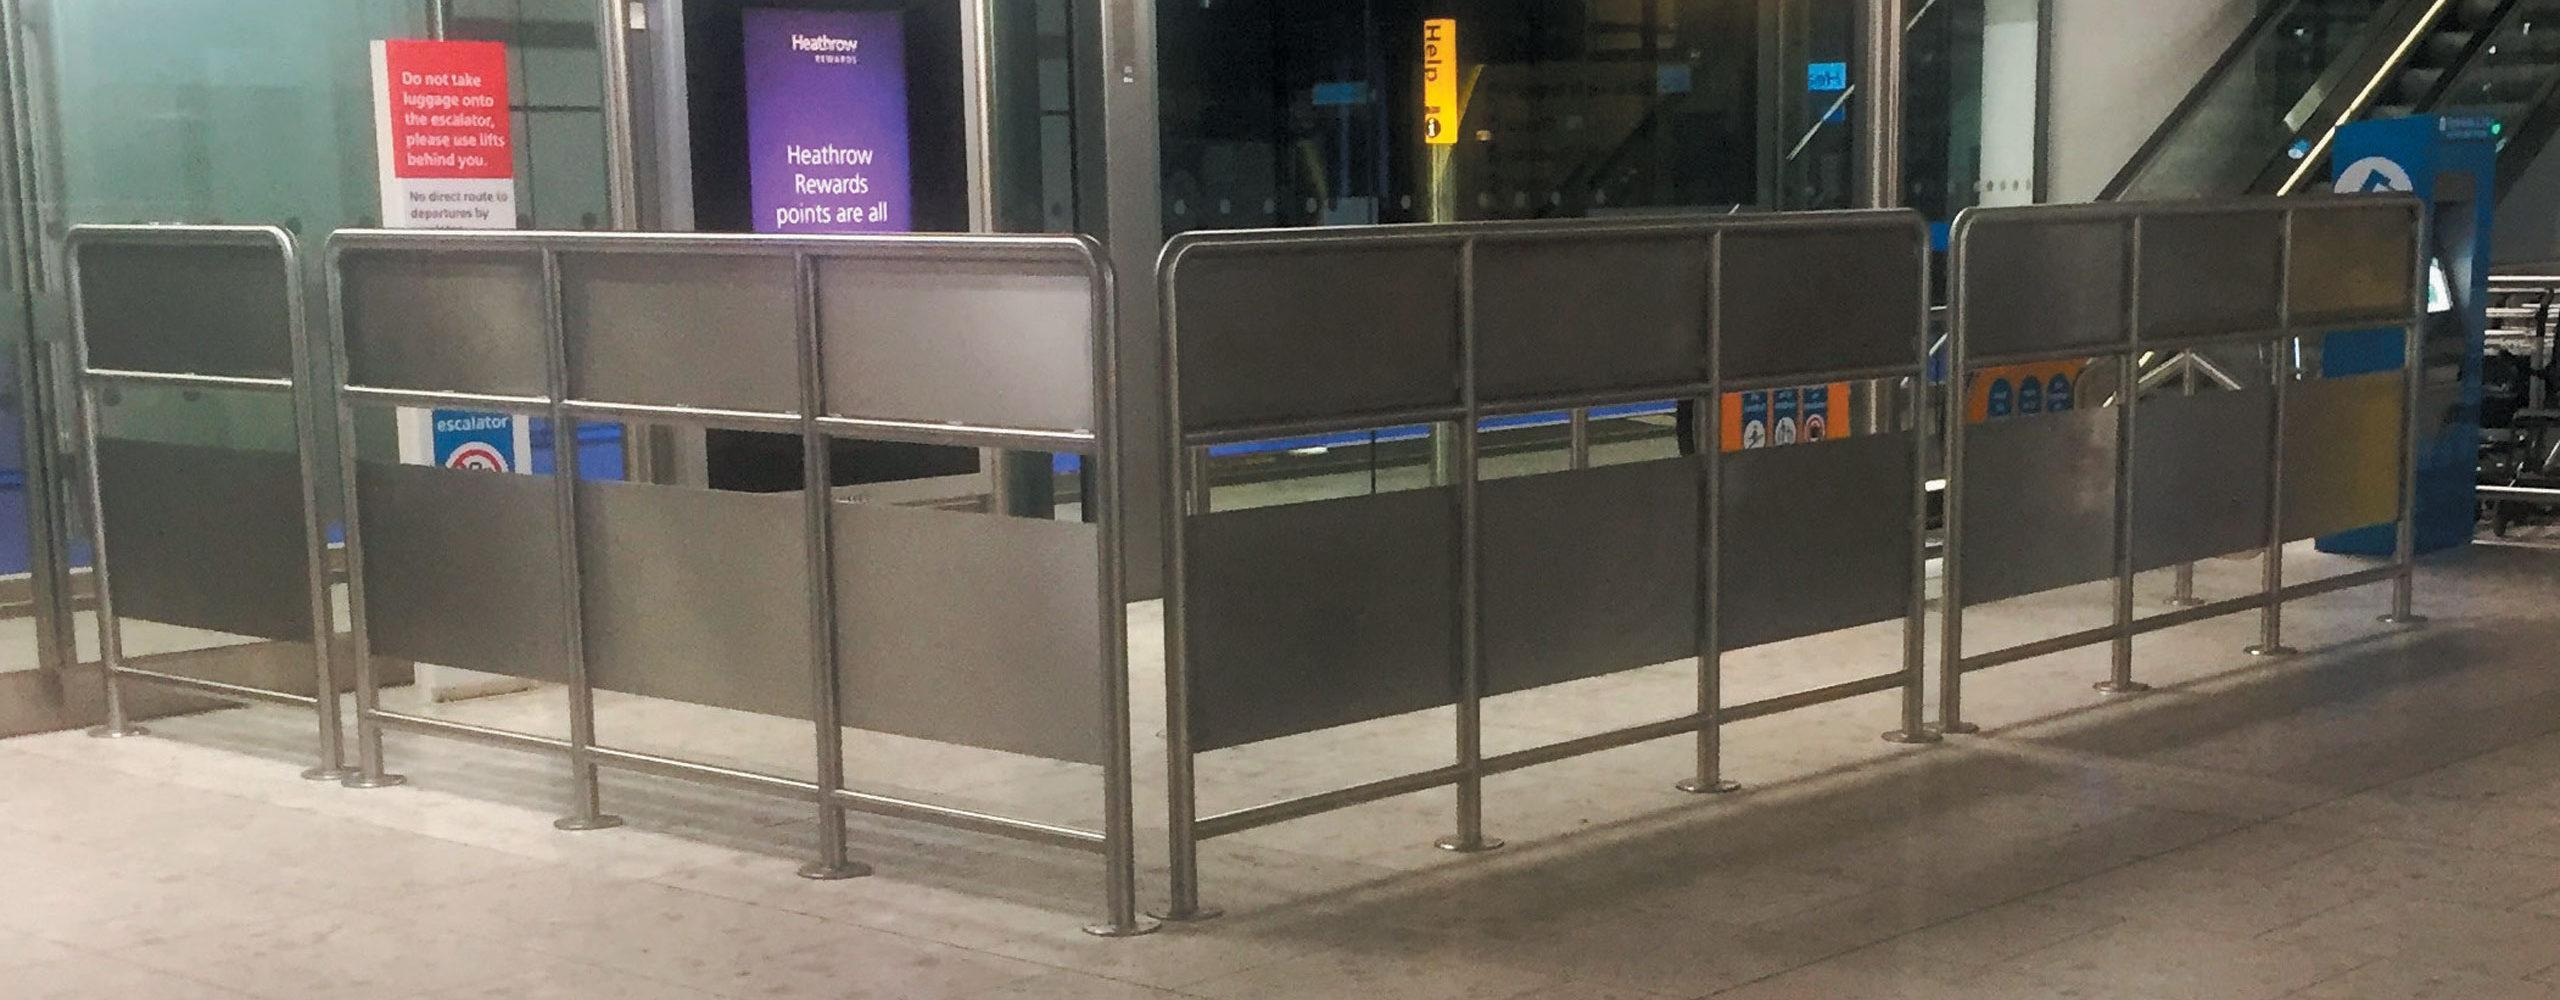 Heathrow Barriers